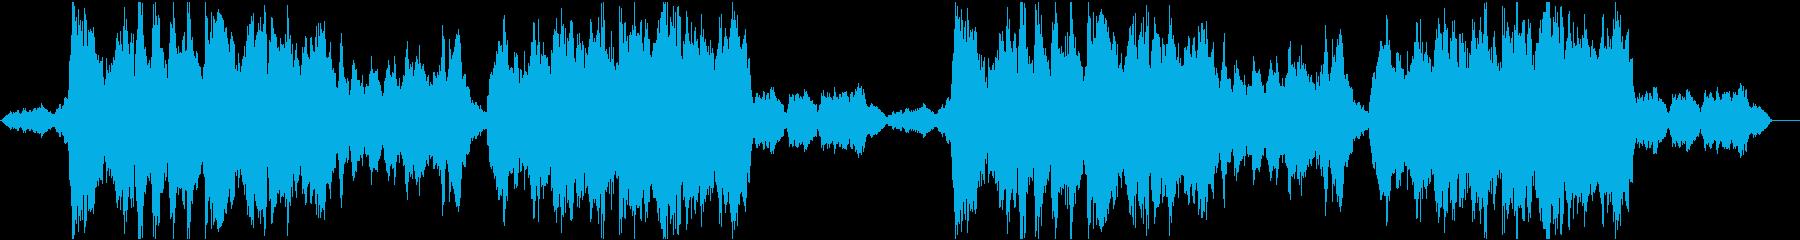 オーケストラ「雄大」 【CM、ゲーム】の再生済みの波形